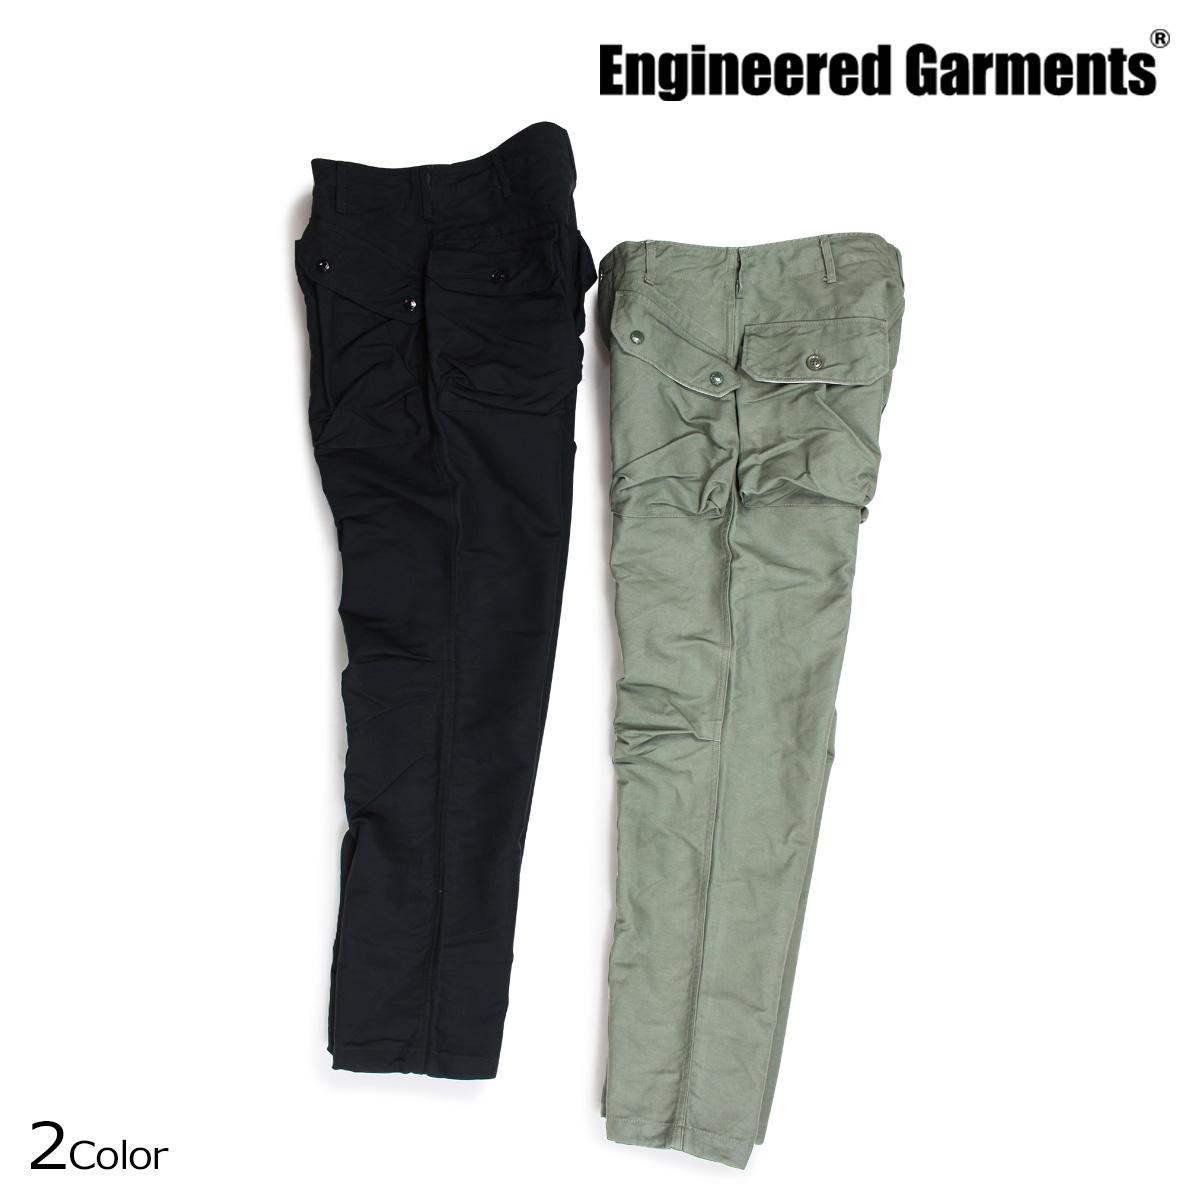 エンジニアド ガーメンツ ENGINEERED GARMENTS パンツ メンズ ミリタリー NORWEGIAN PANT ブラック オリーブ [10/4 新入荷]